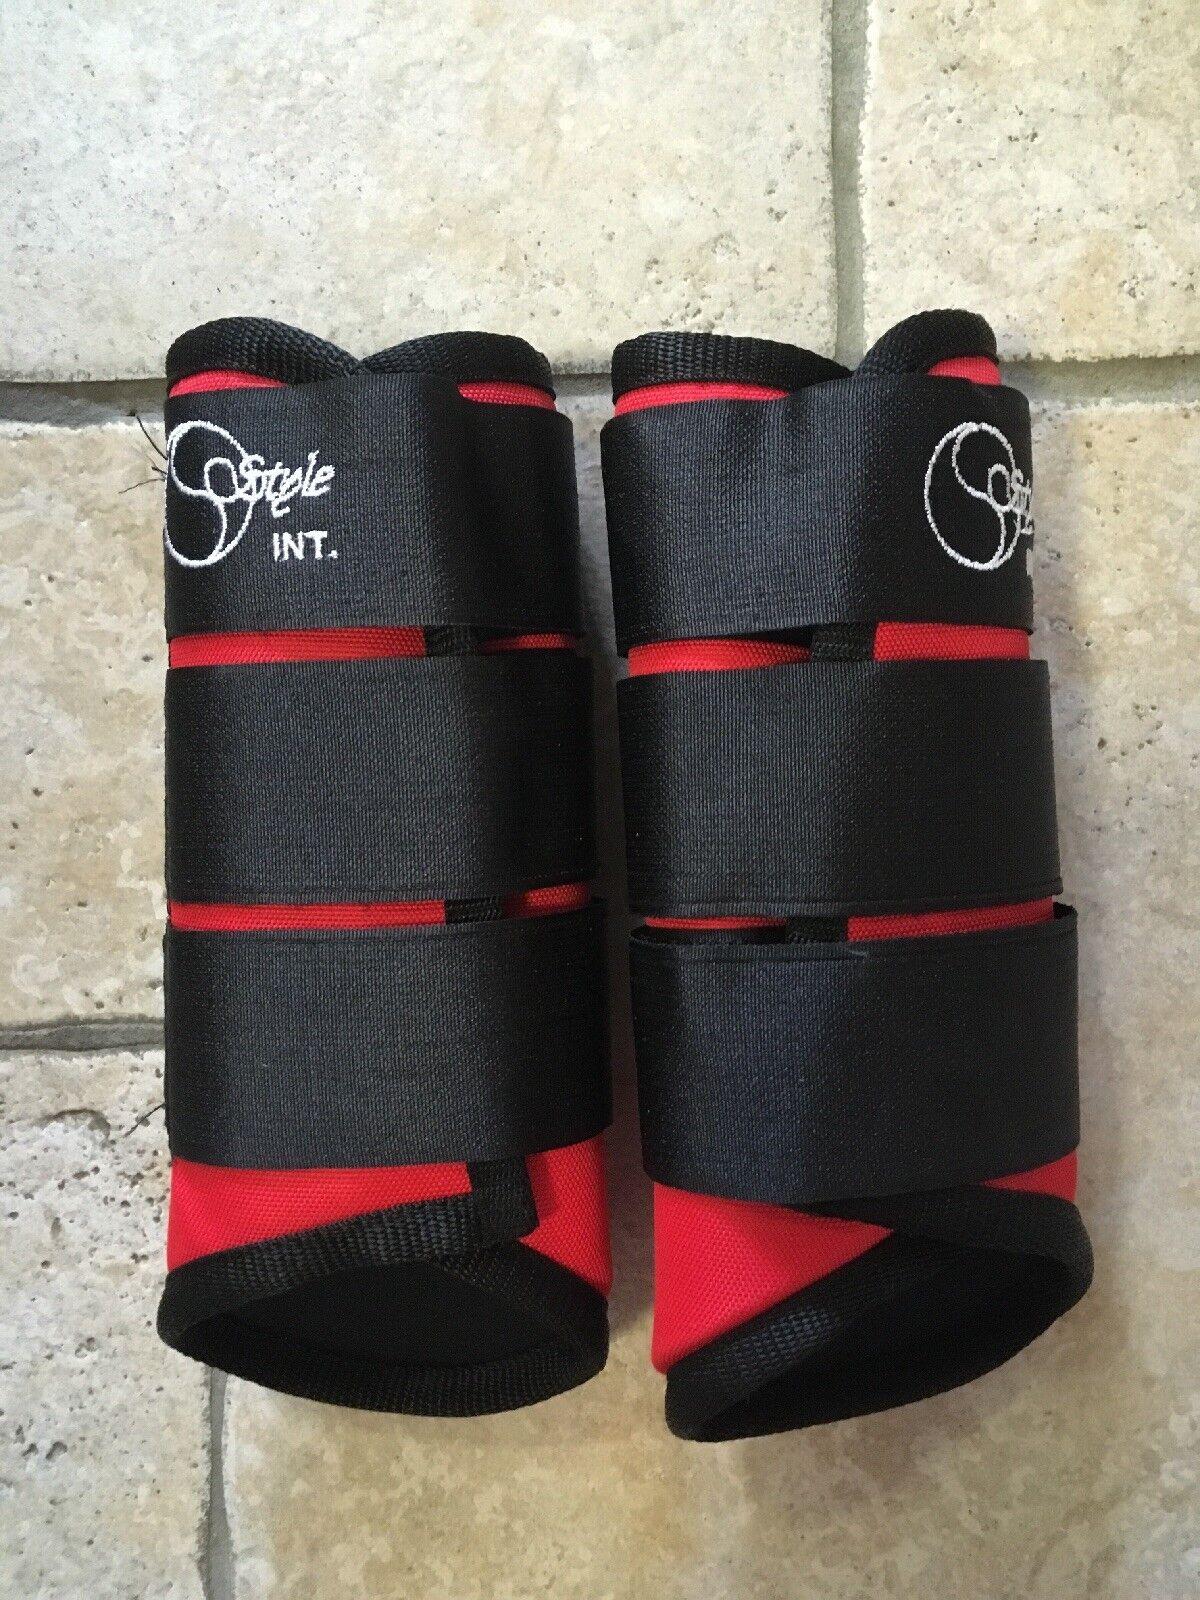 botas estilo cross country eventos en rojo tamaño Pony Espalda  Bnwt